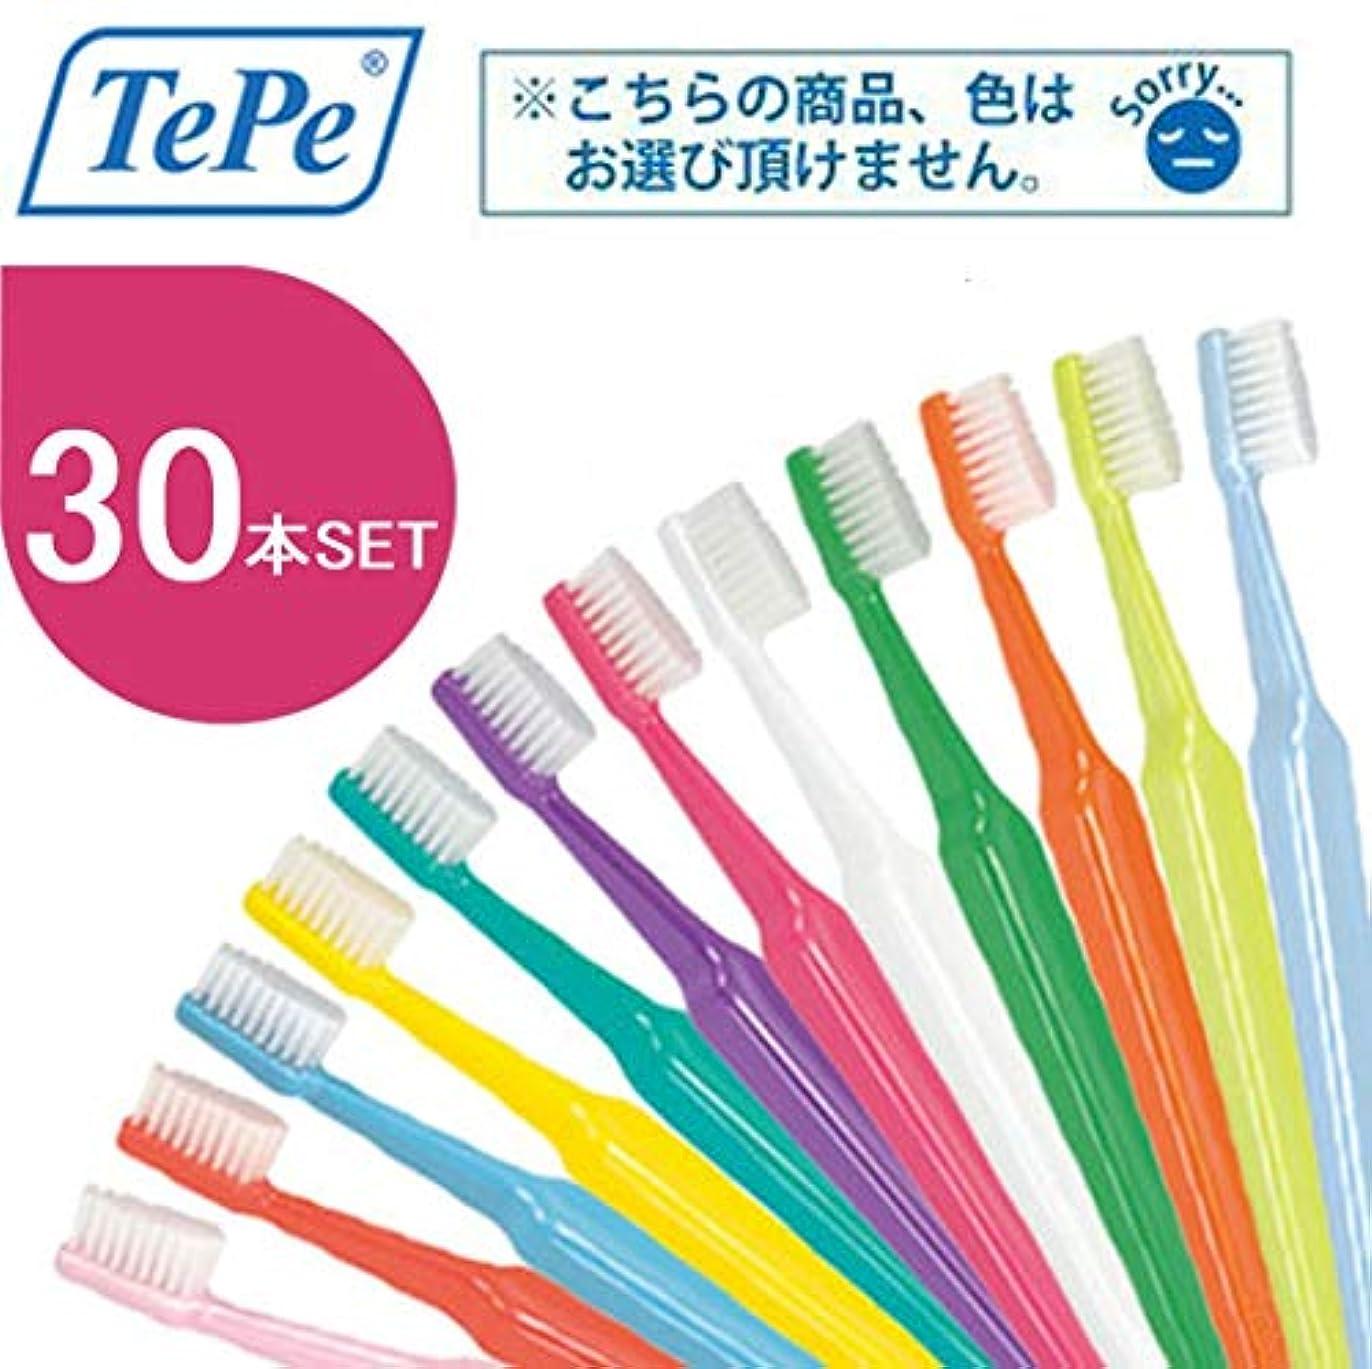 セント率直な統合クロスフィールド TePe テペ セレクト 歯ブラシ 30本 (ソフト)